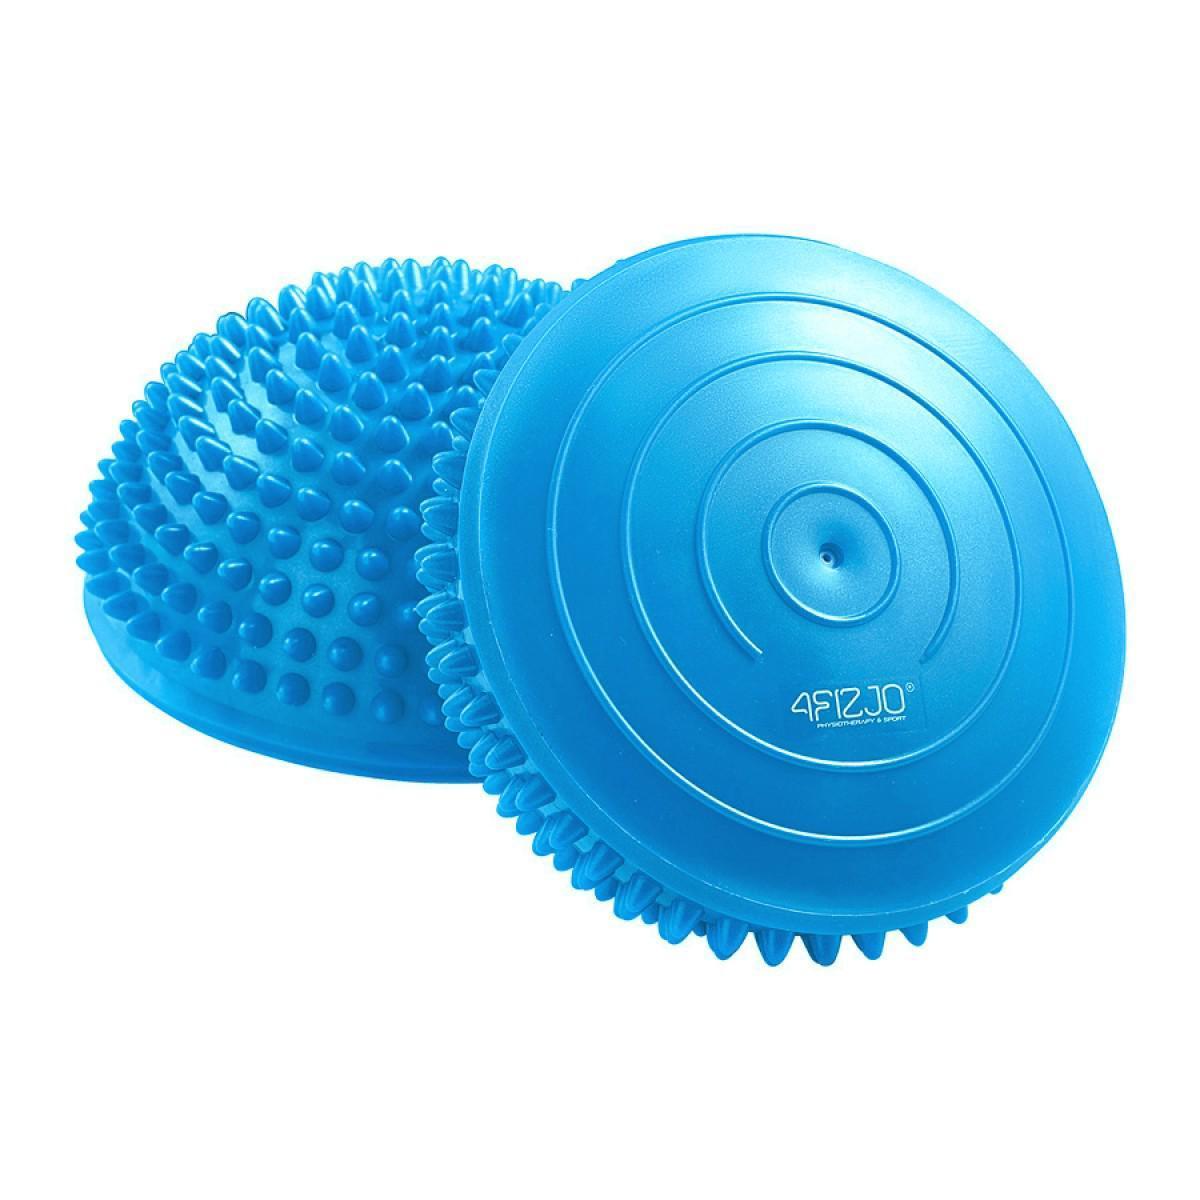 Полусфера массажная балансировочная (массажер для ног, стоп) 4FIZJO Balance Pad 16 см 4FJ0058 Blue